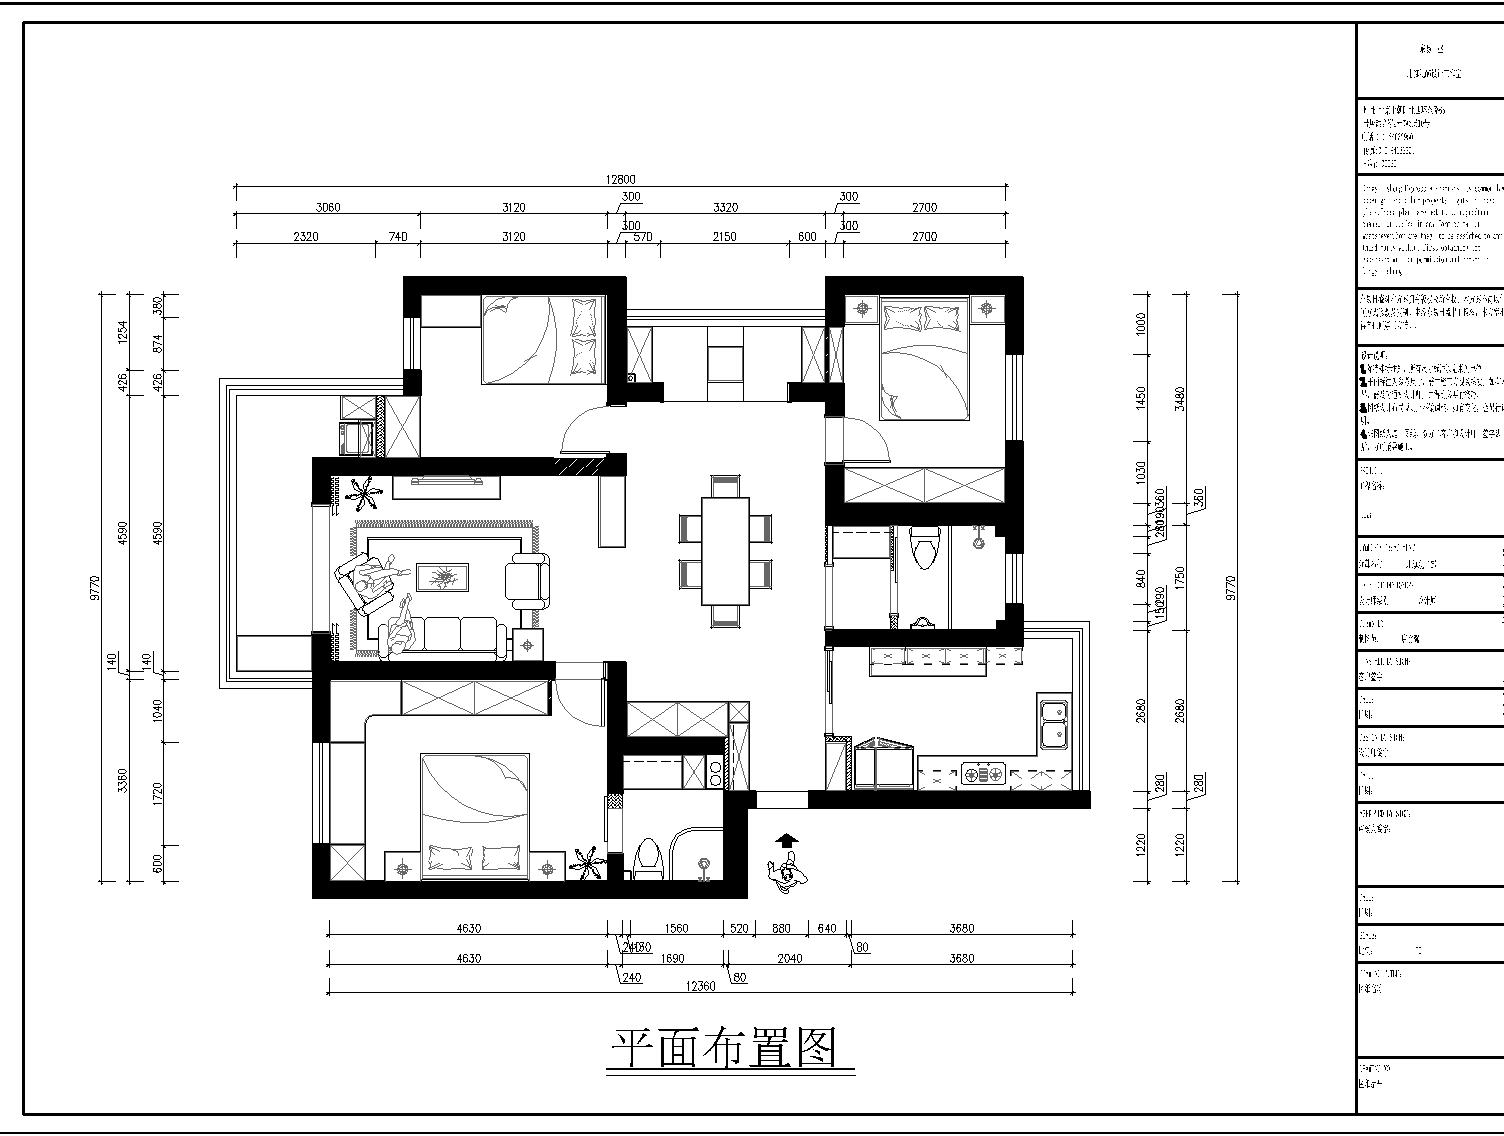 廊坊十九城邦三期-120平米-北欧风格-装修效果图装修设计理念